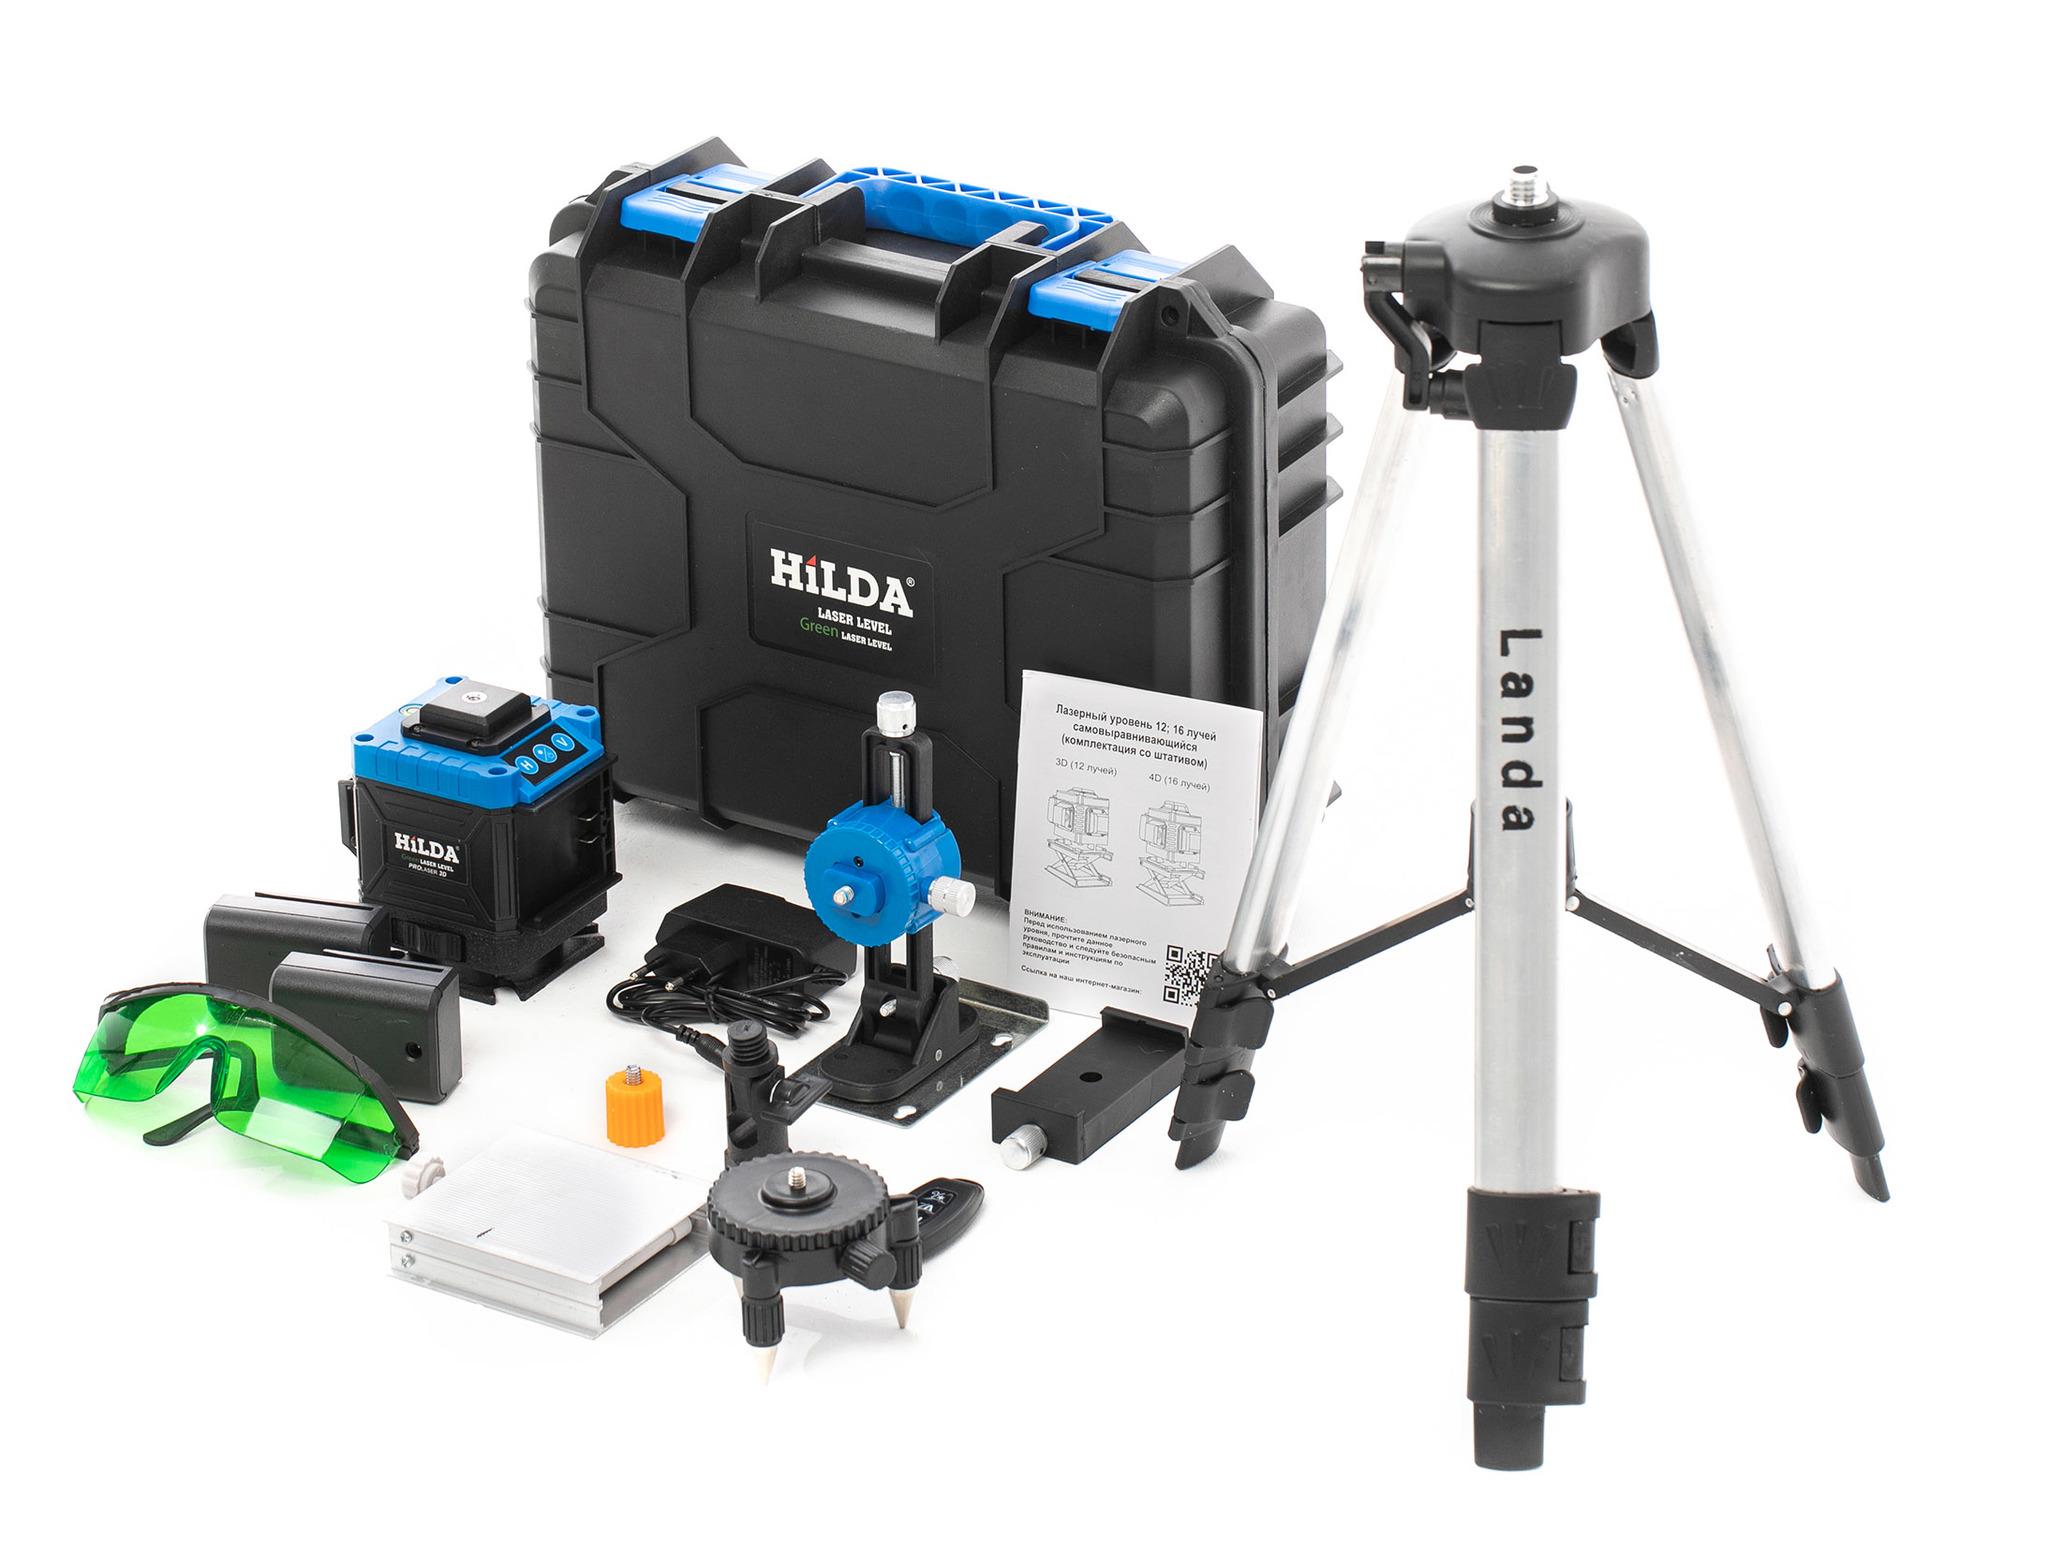 Лазерный уровень HiLDA Лазерный уровень 360 HiLDA PROLaser 12 зеленых лучей(нижний горизонт) со штативом 19.jpg